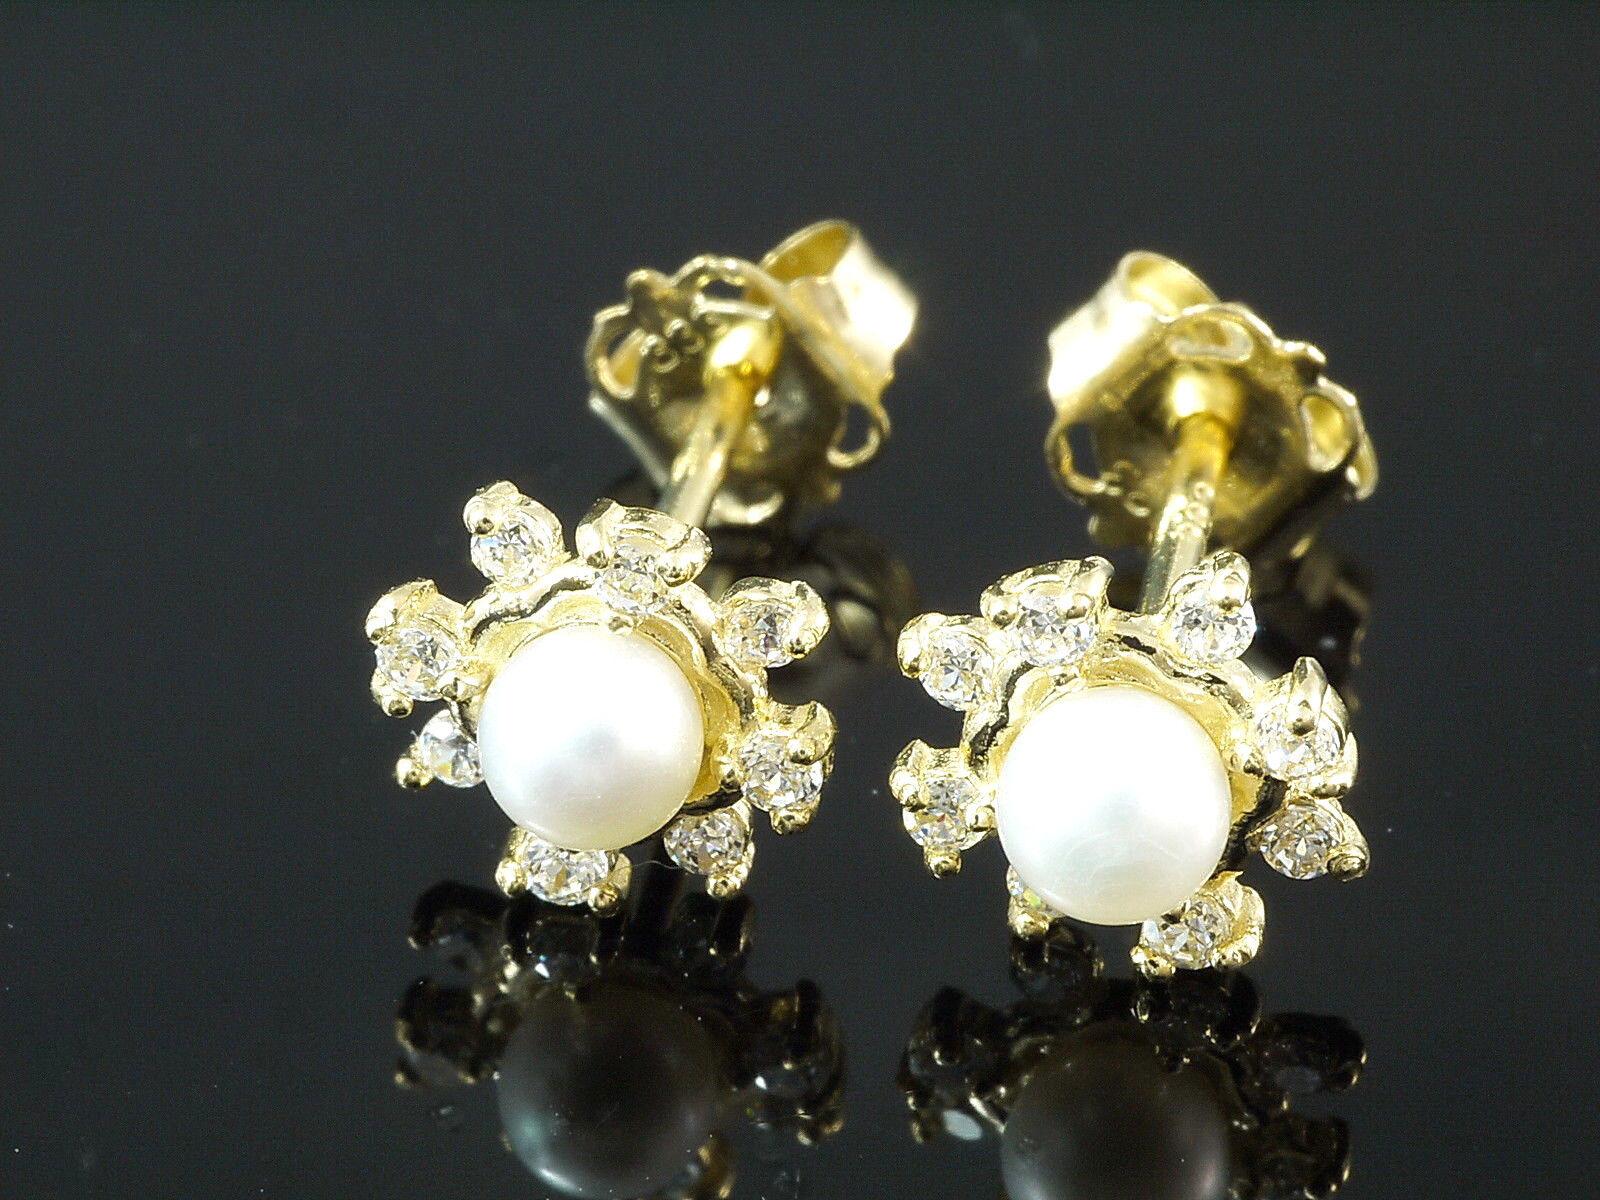 585 oro a Perno 6 6 6 8 mm Con Dolci Perle in 3 5 mm Dimensioni 7c0578